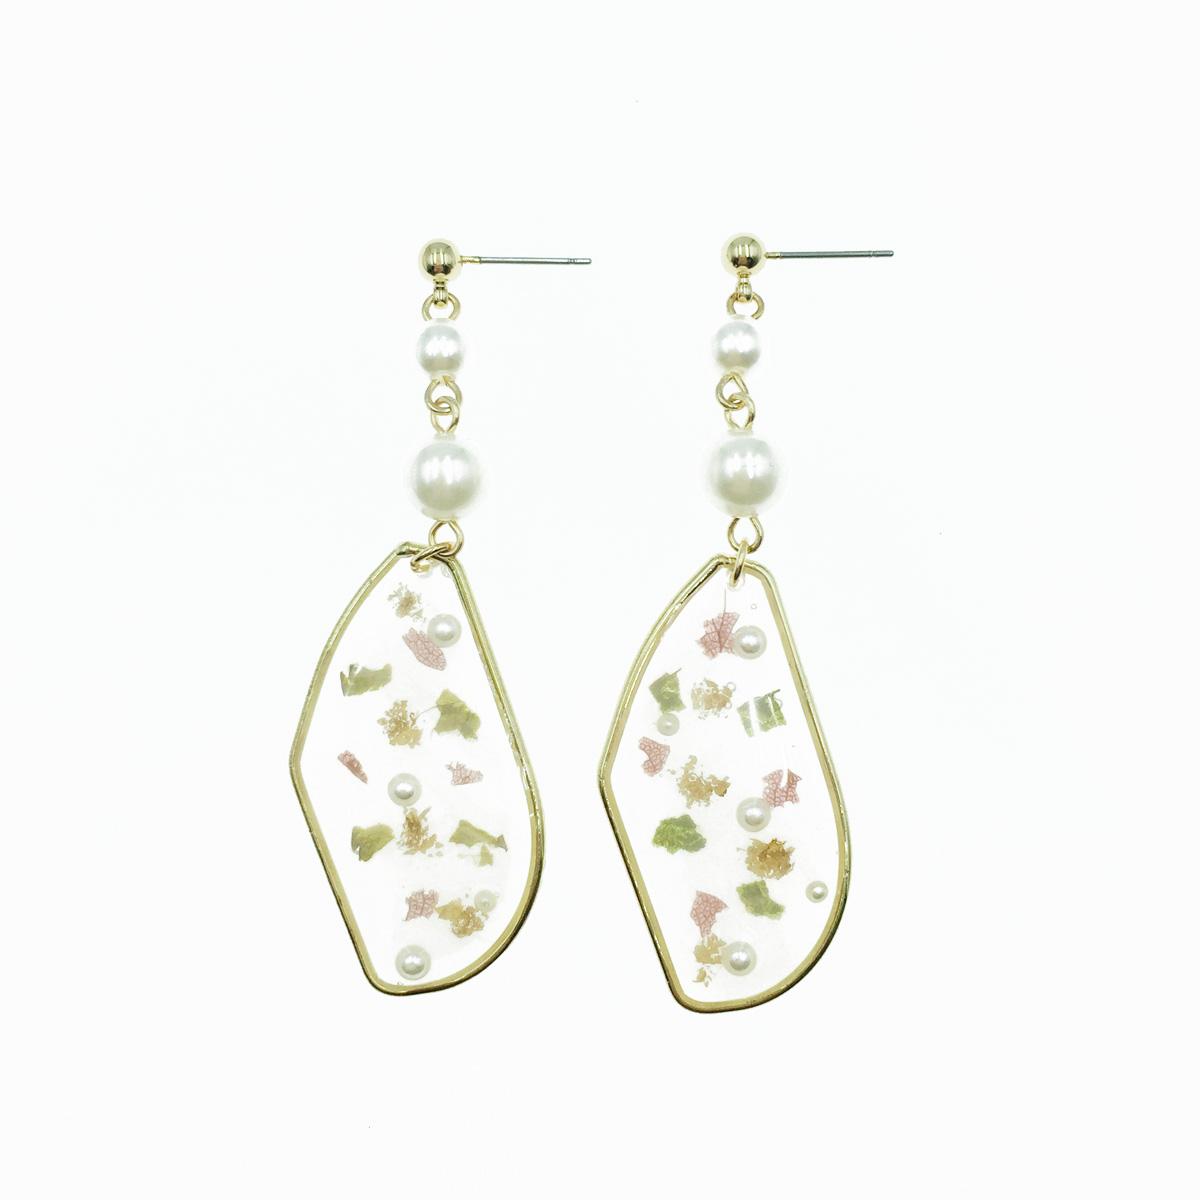 韓國 珍珠 金邊不規則形 壓花 乾燥花 垂墜感 耳針式耳環